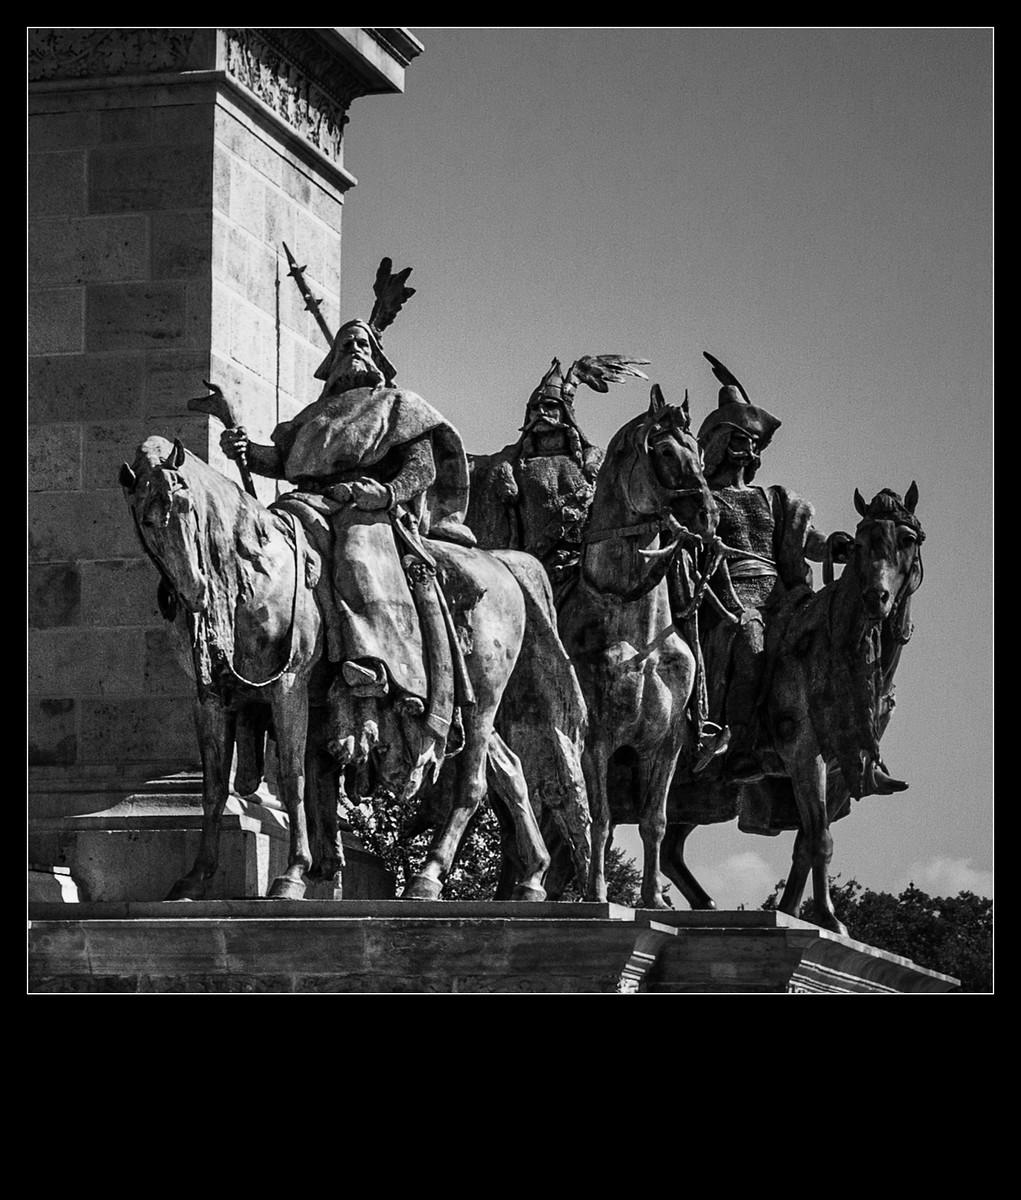 布达佩斯英雄广场的那些英雄们_图1-2